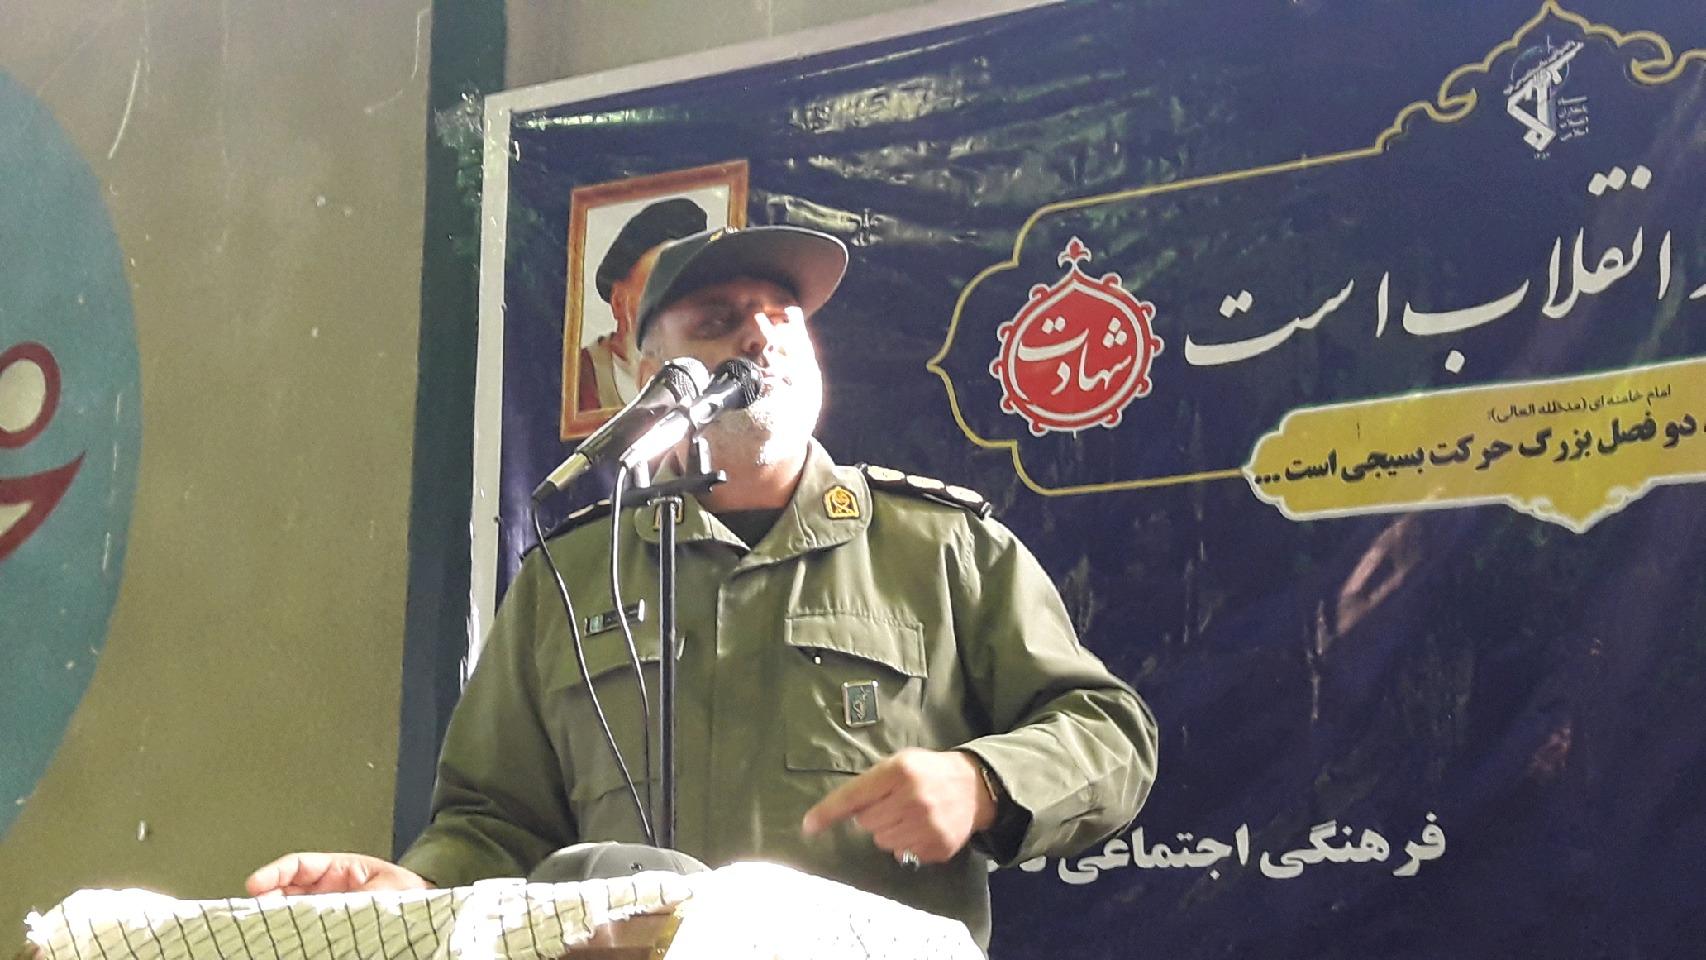 کشورایران ۱۷ هزار شهید ترور را تقدیم انقلاب کرده است